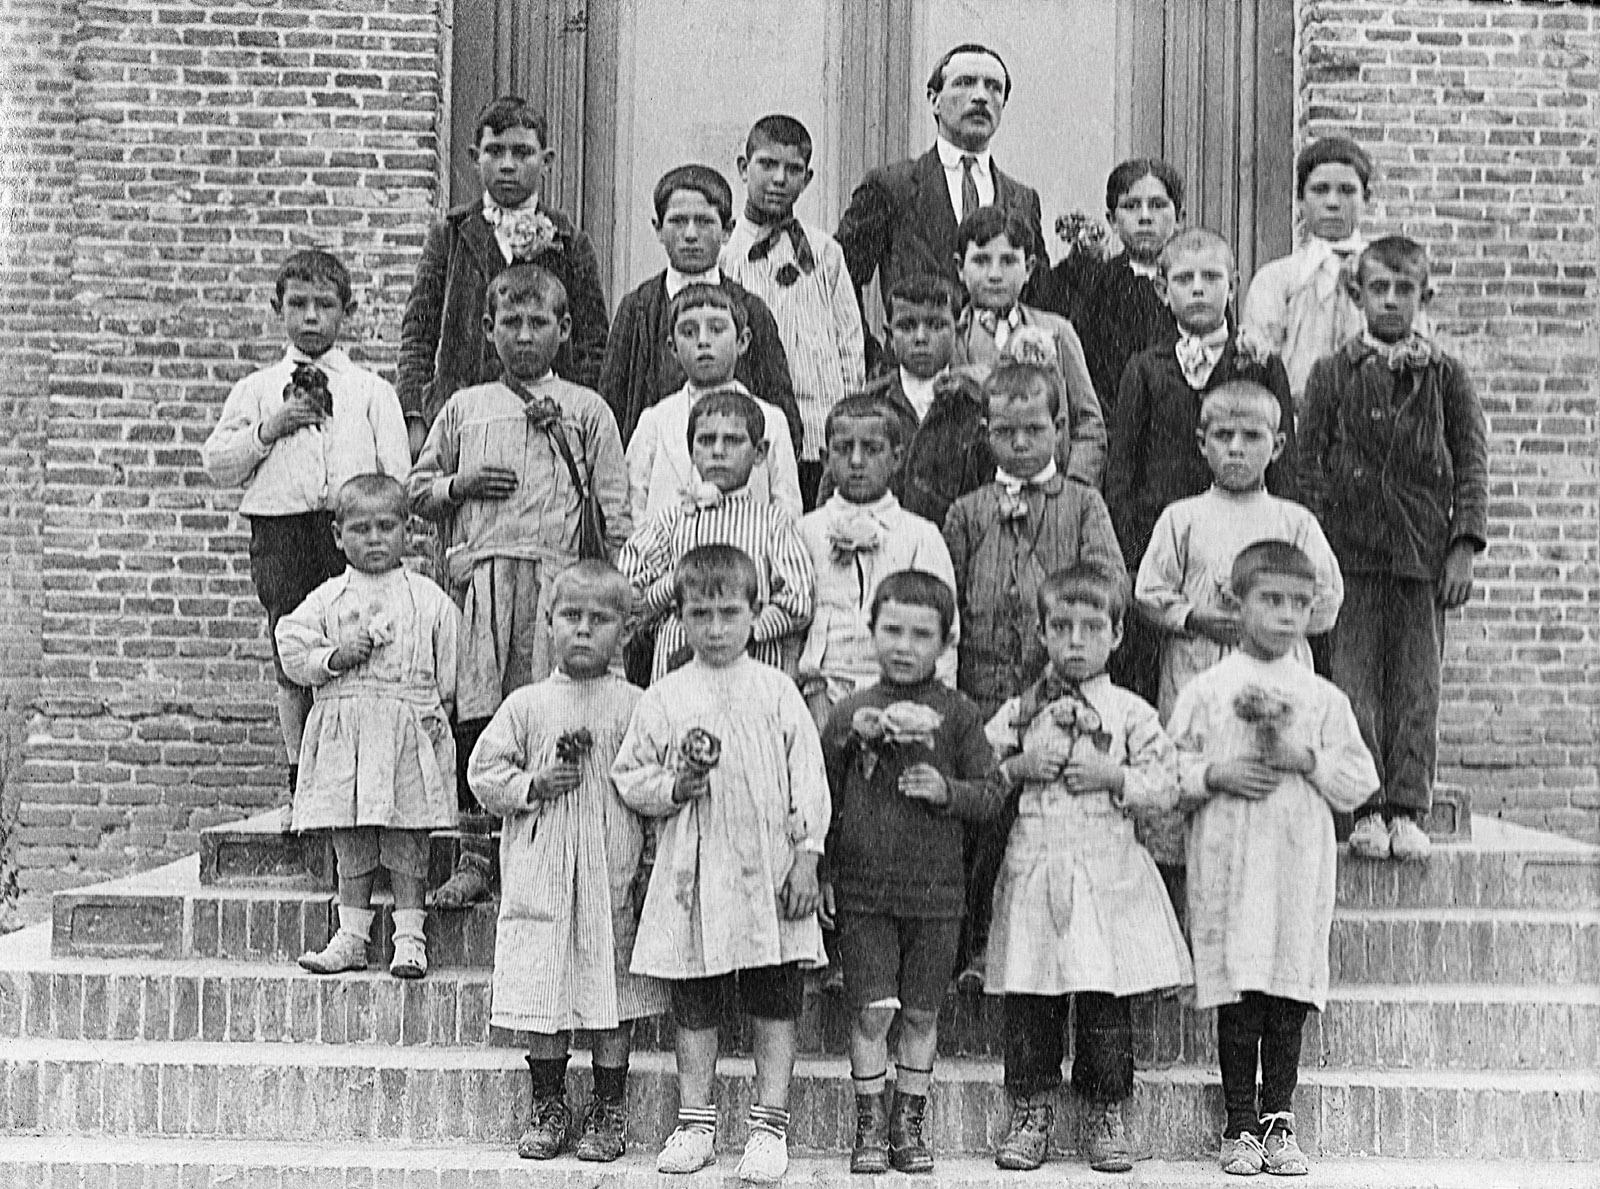 Grupo escolar con su maestro posando en la escuela pública y portando flores en la primera década del siglo XX.